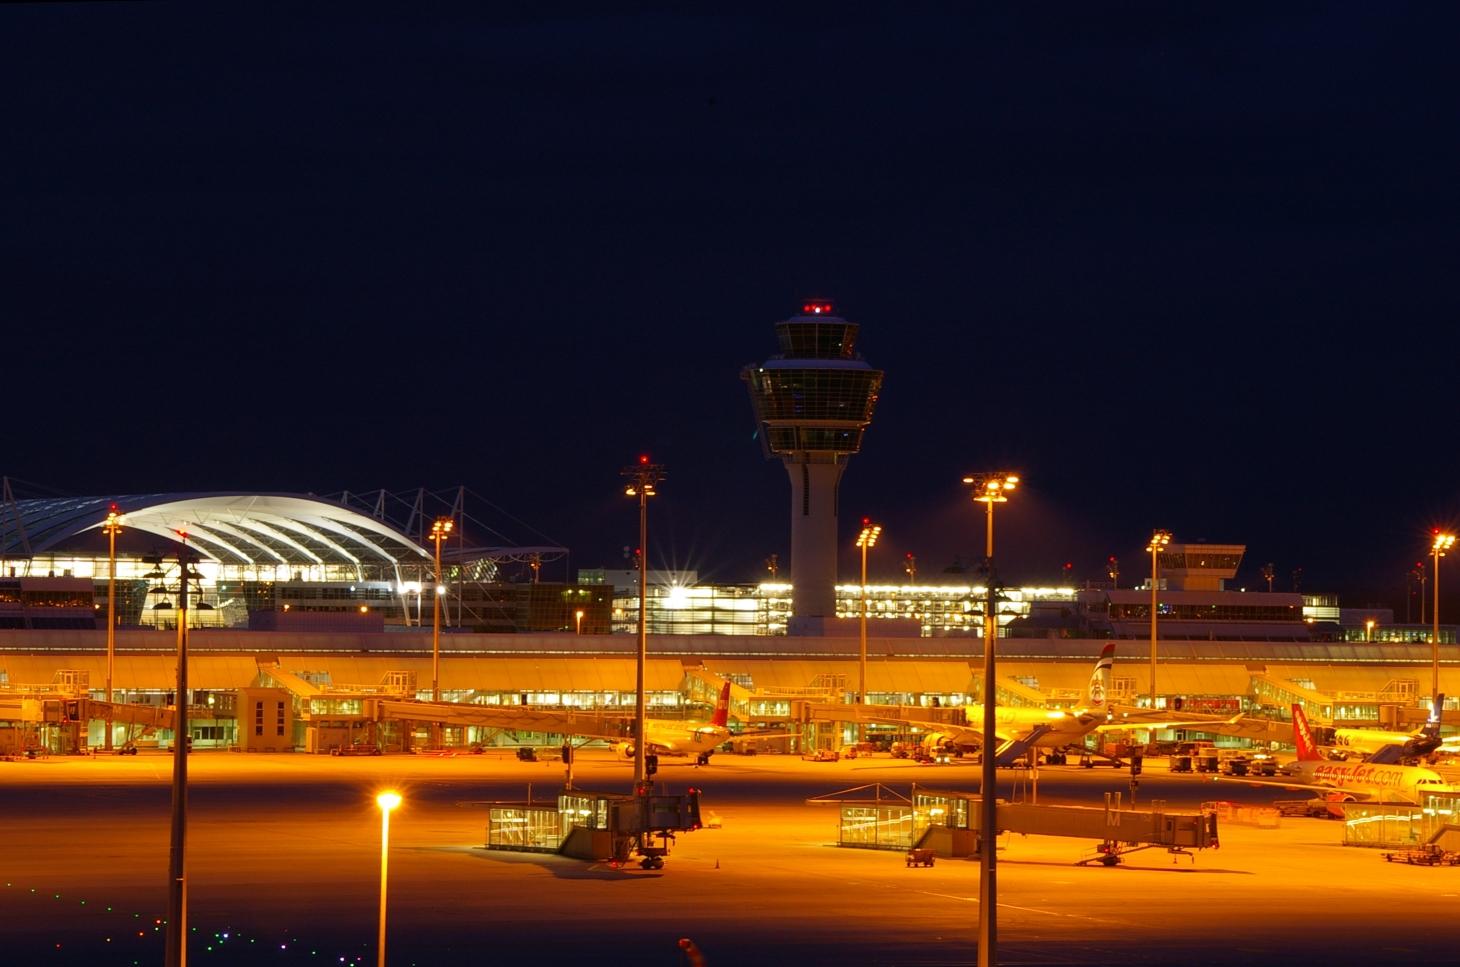 http://dic.academic.ru/pictures/wiki/files/77/Muenchen_Flughafen_Nacht.jpg